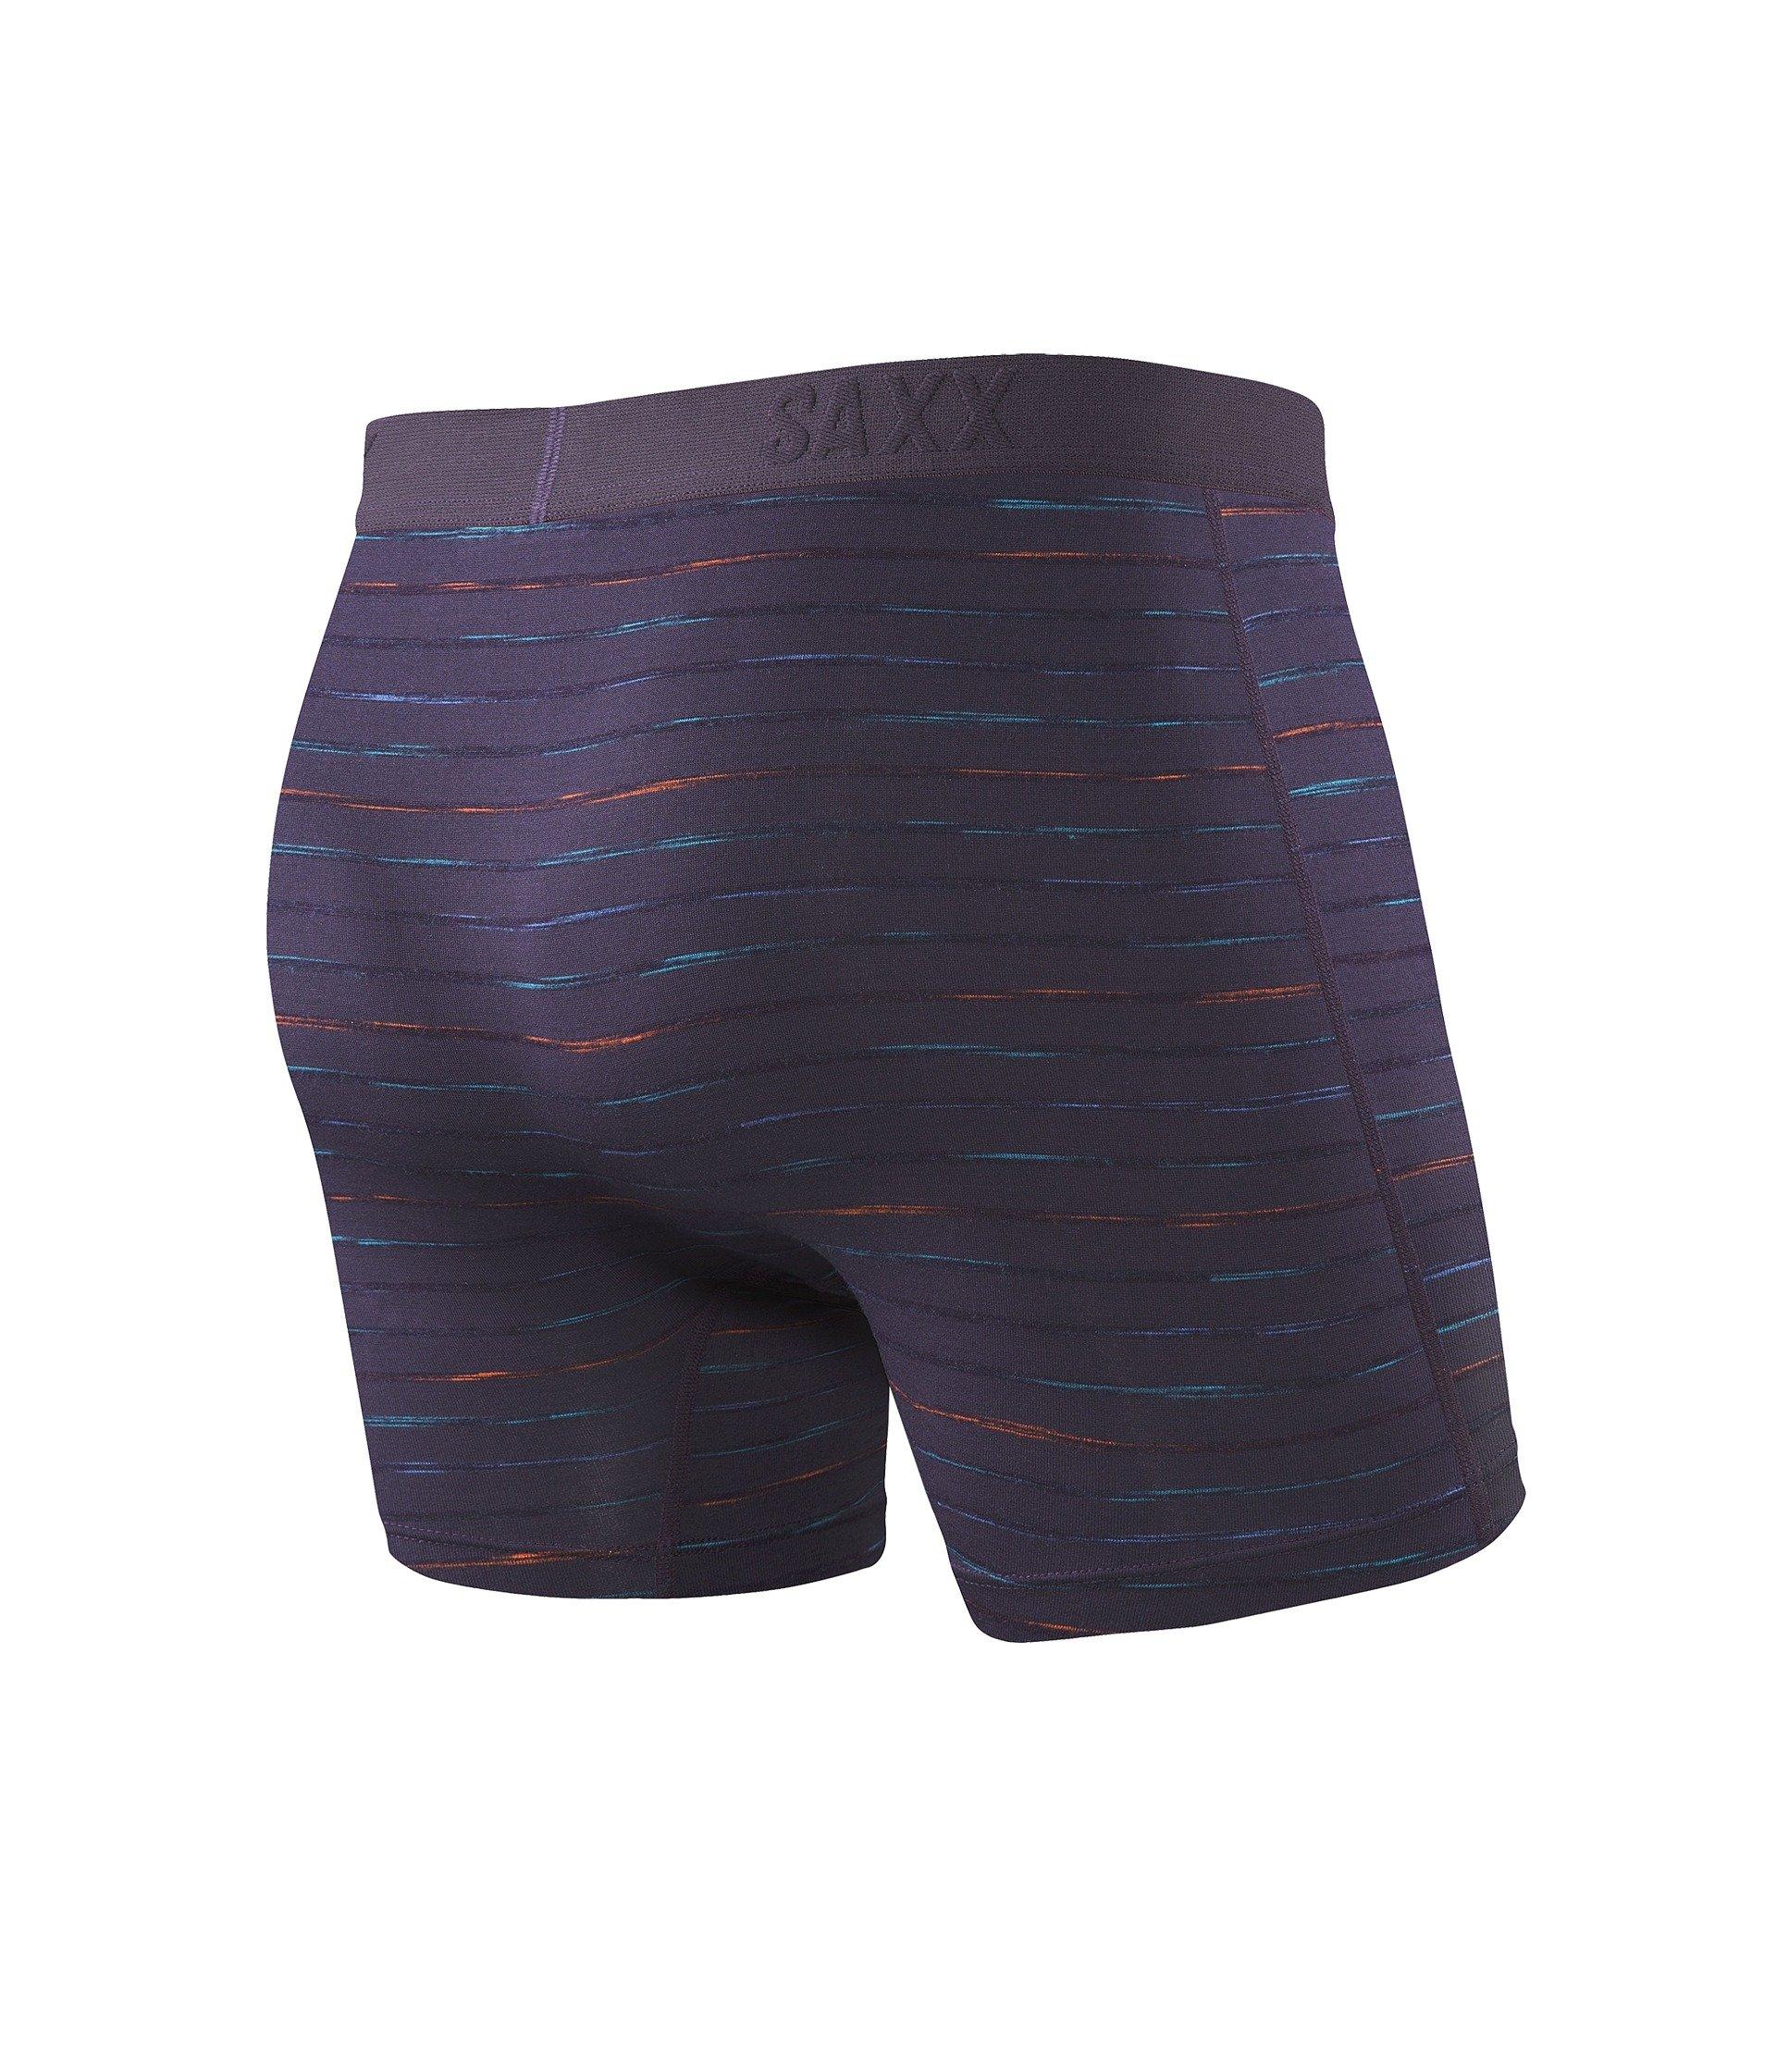 Fly Night Stripe Platinum Boxer Interrupted Underwear Saxx qPxwCSx